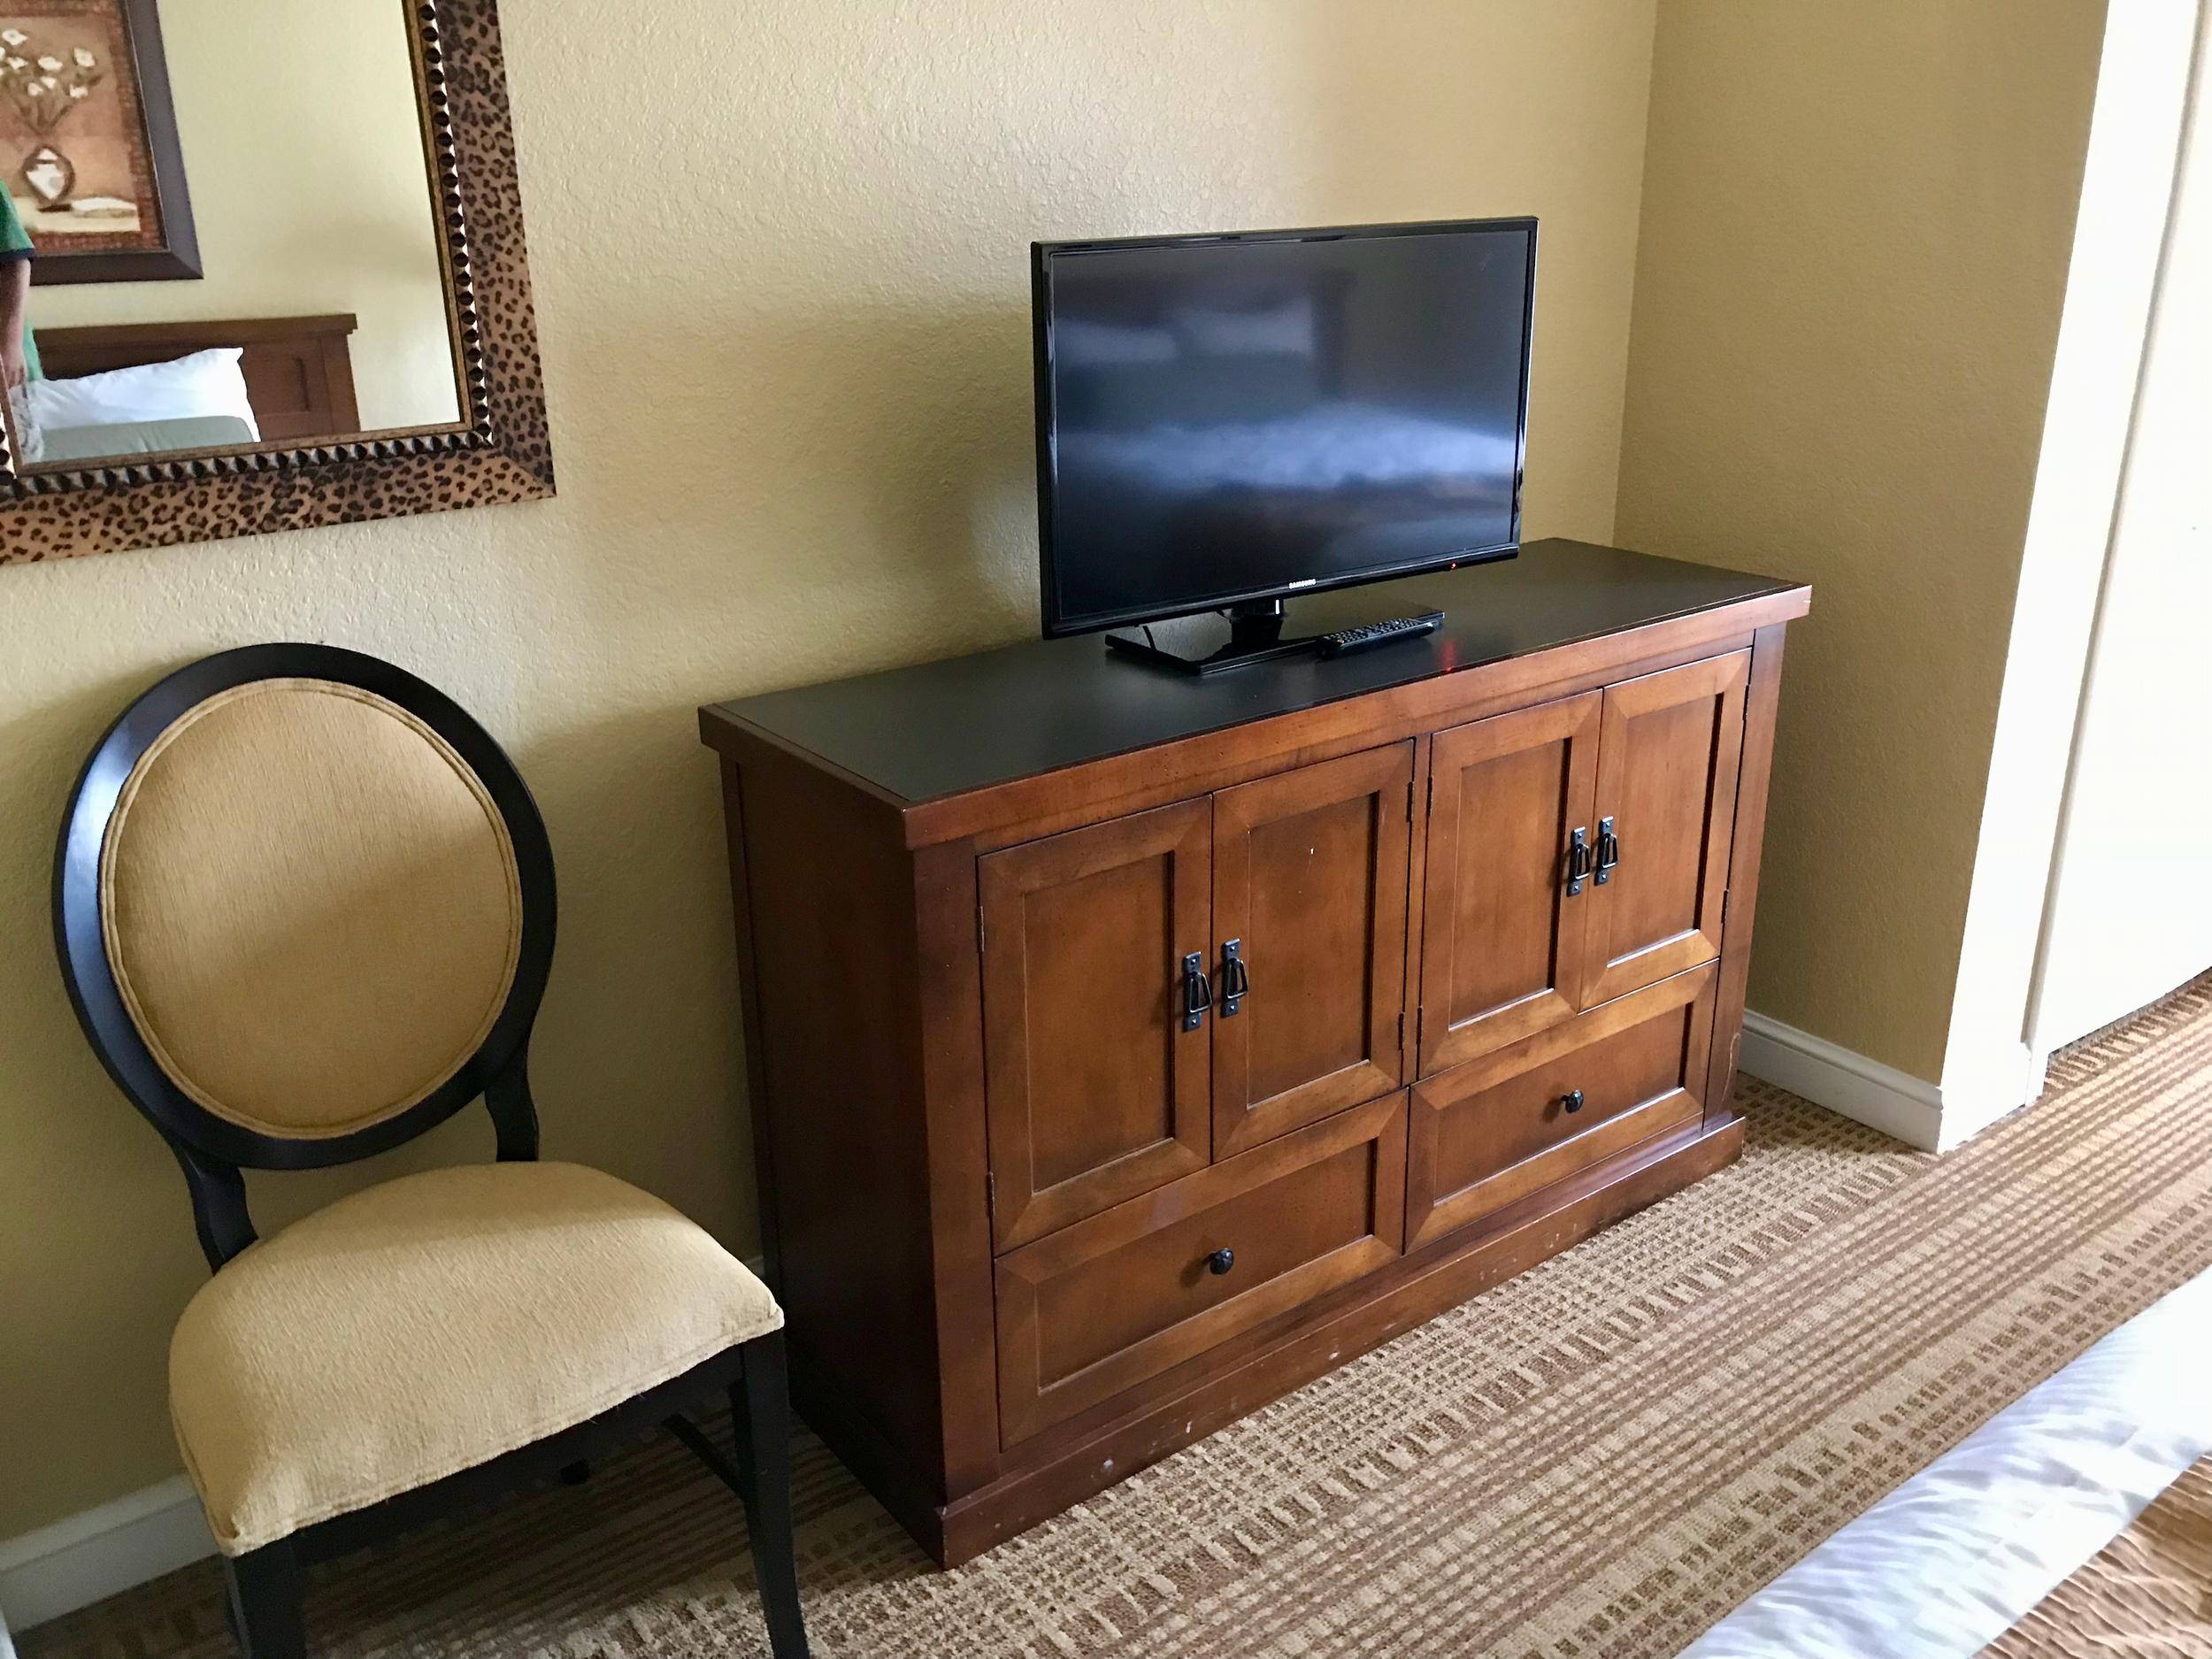 Condo second bedroom television